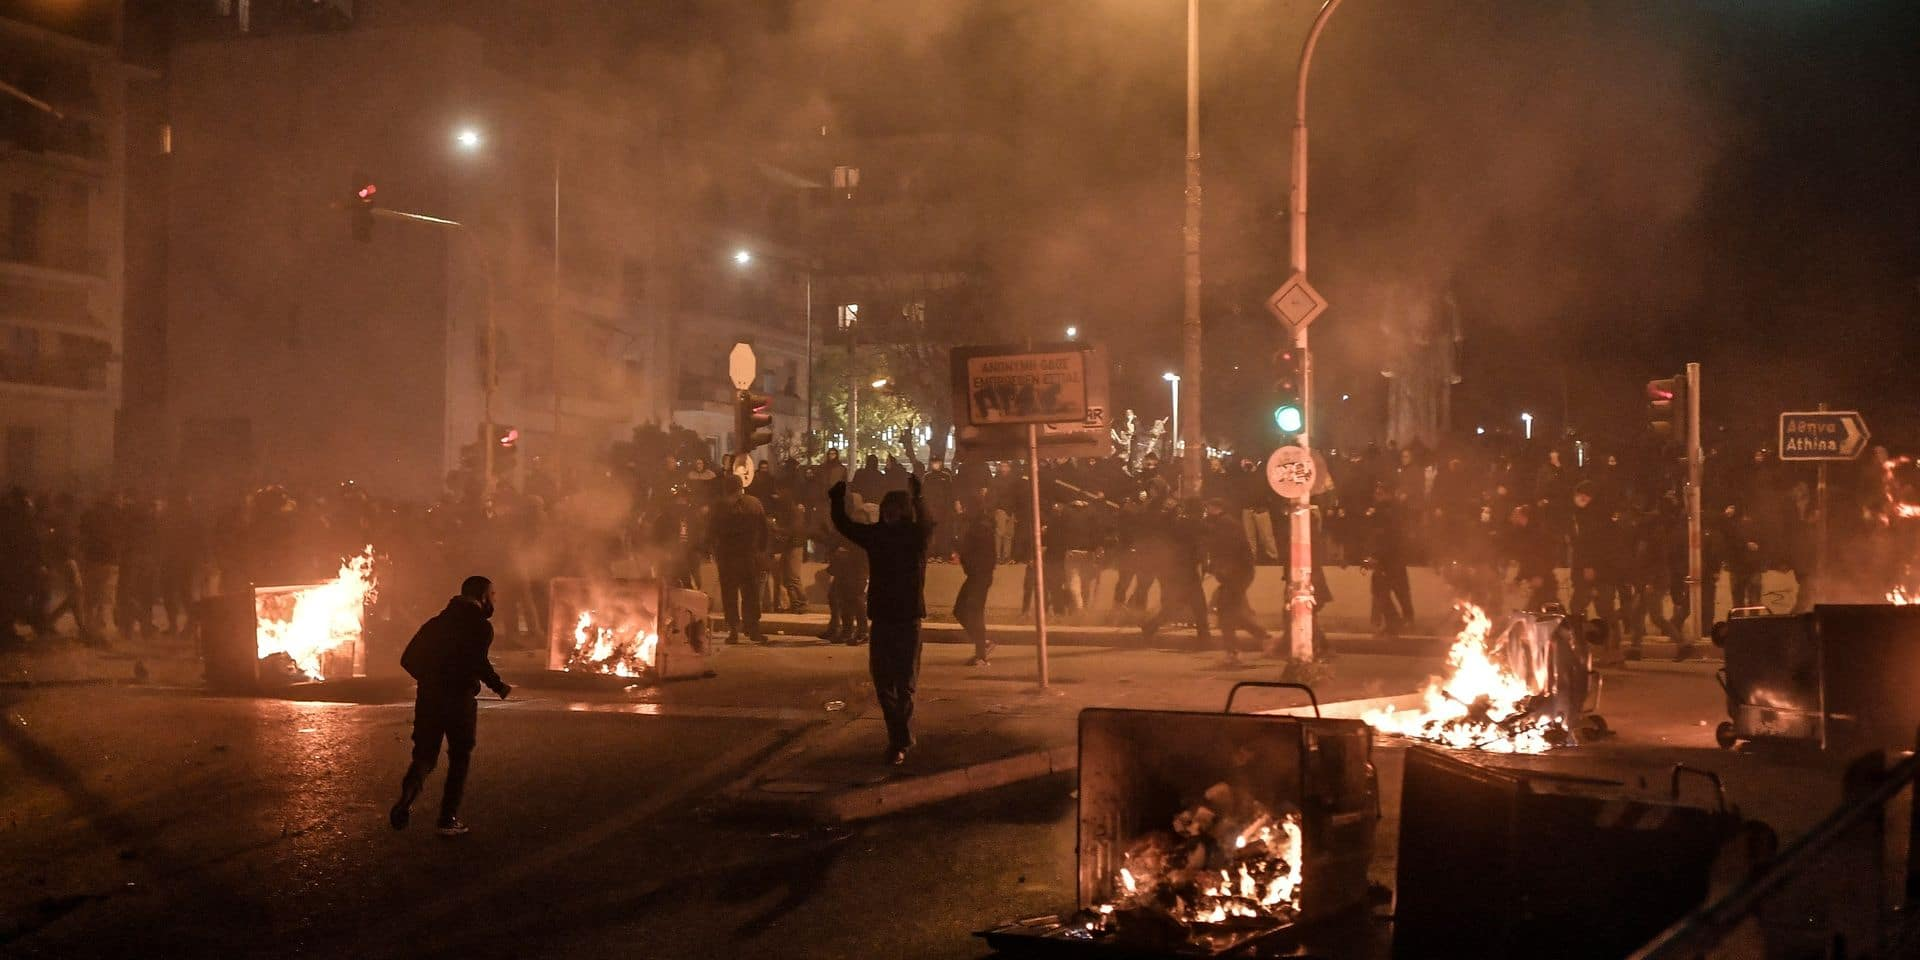 10 policiers blessés, 16 interpellations en marge d'une manifestation à Athènes